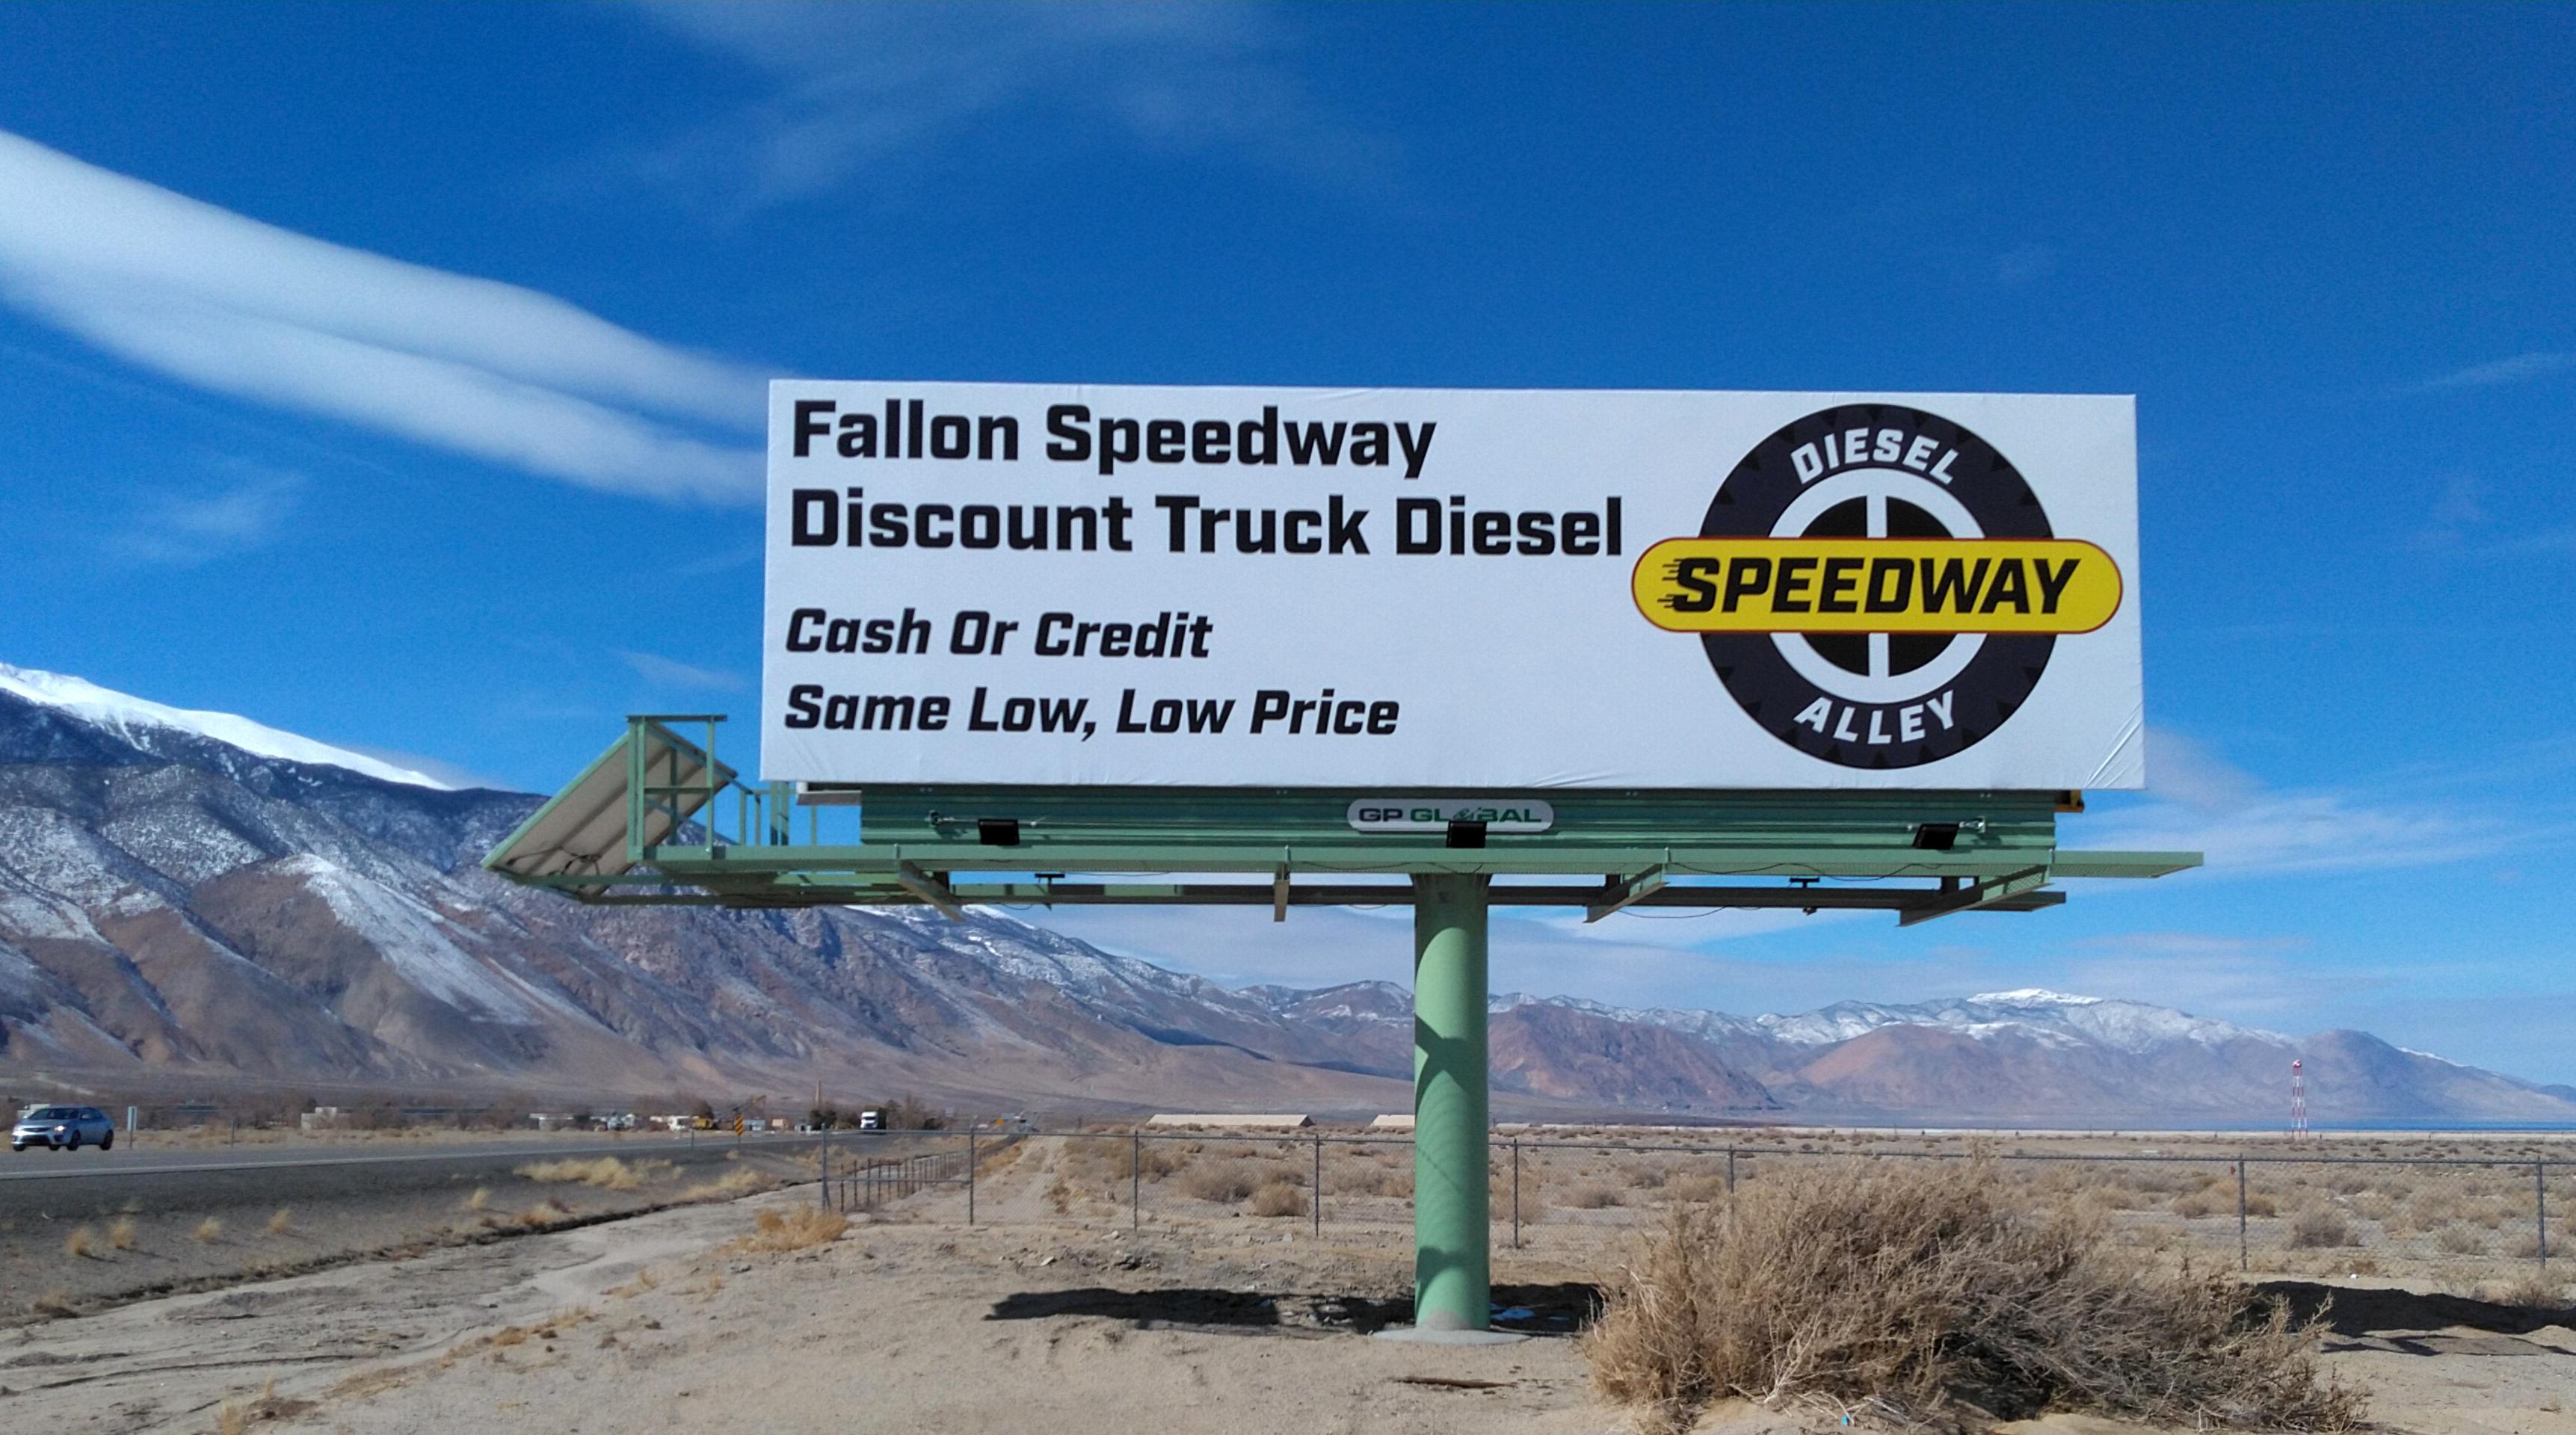 Fallon Speedway